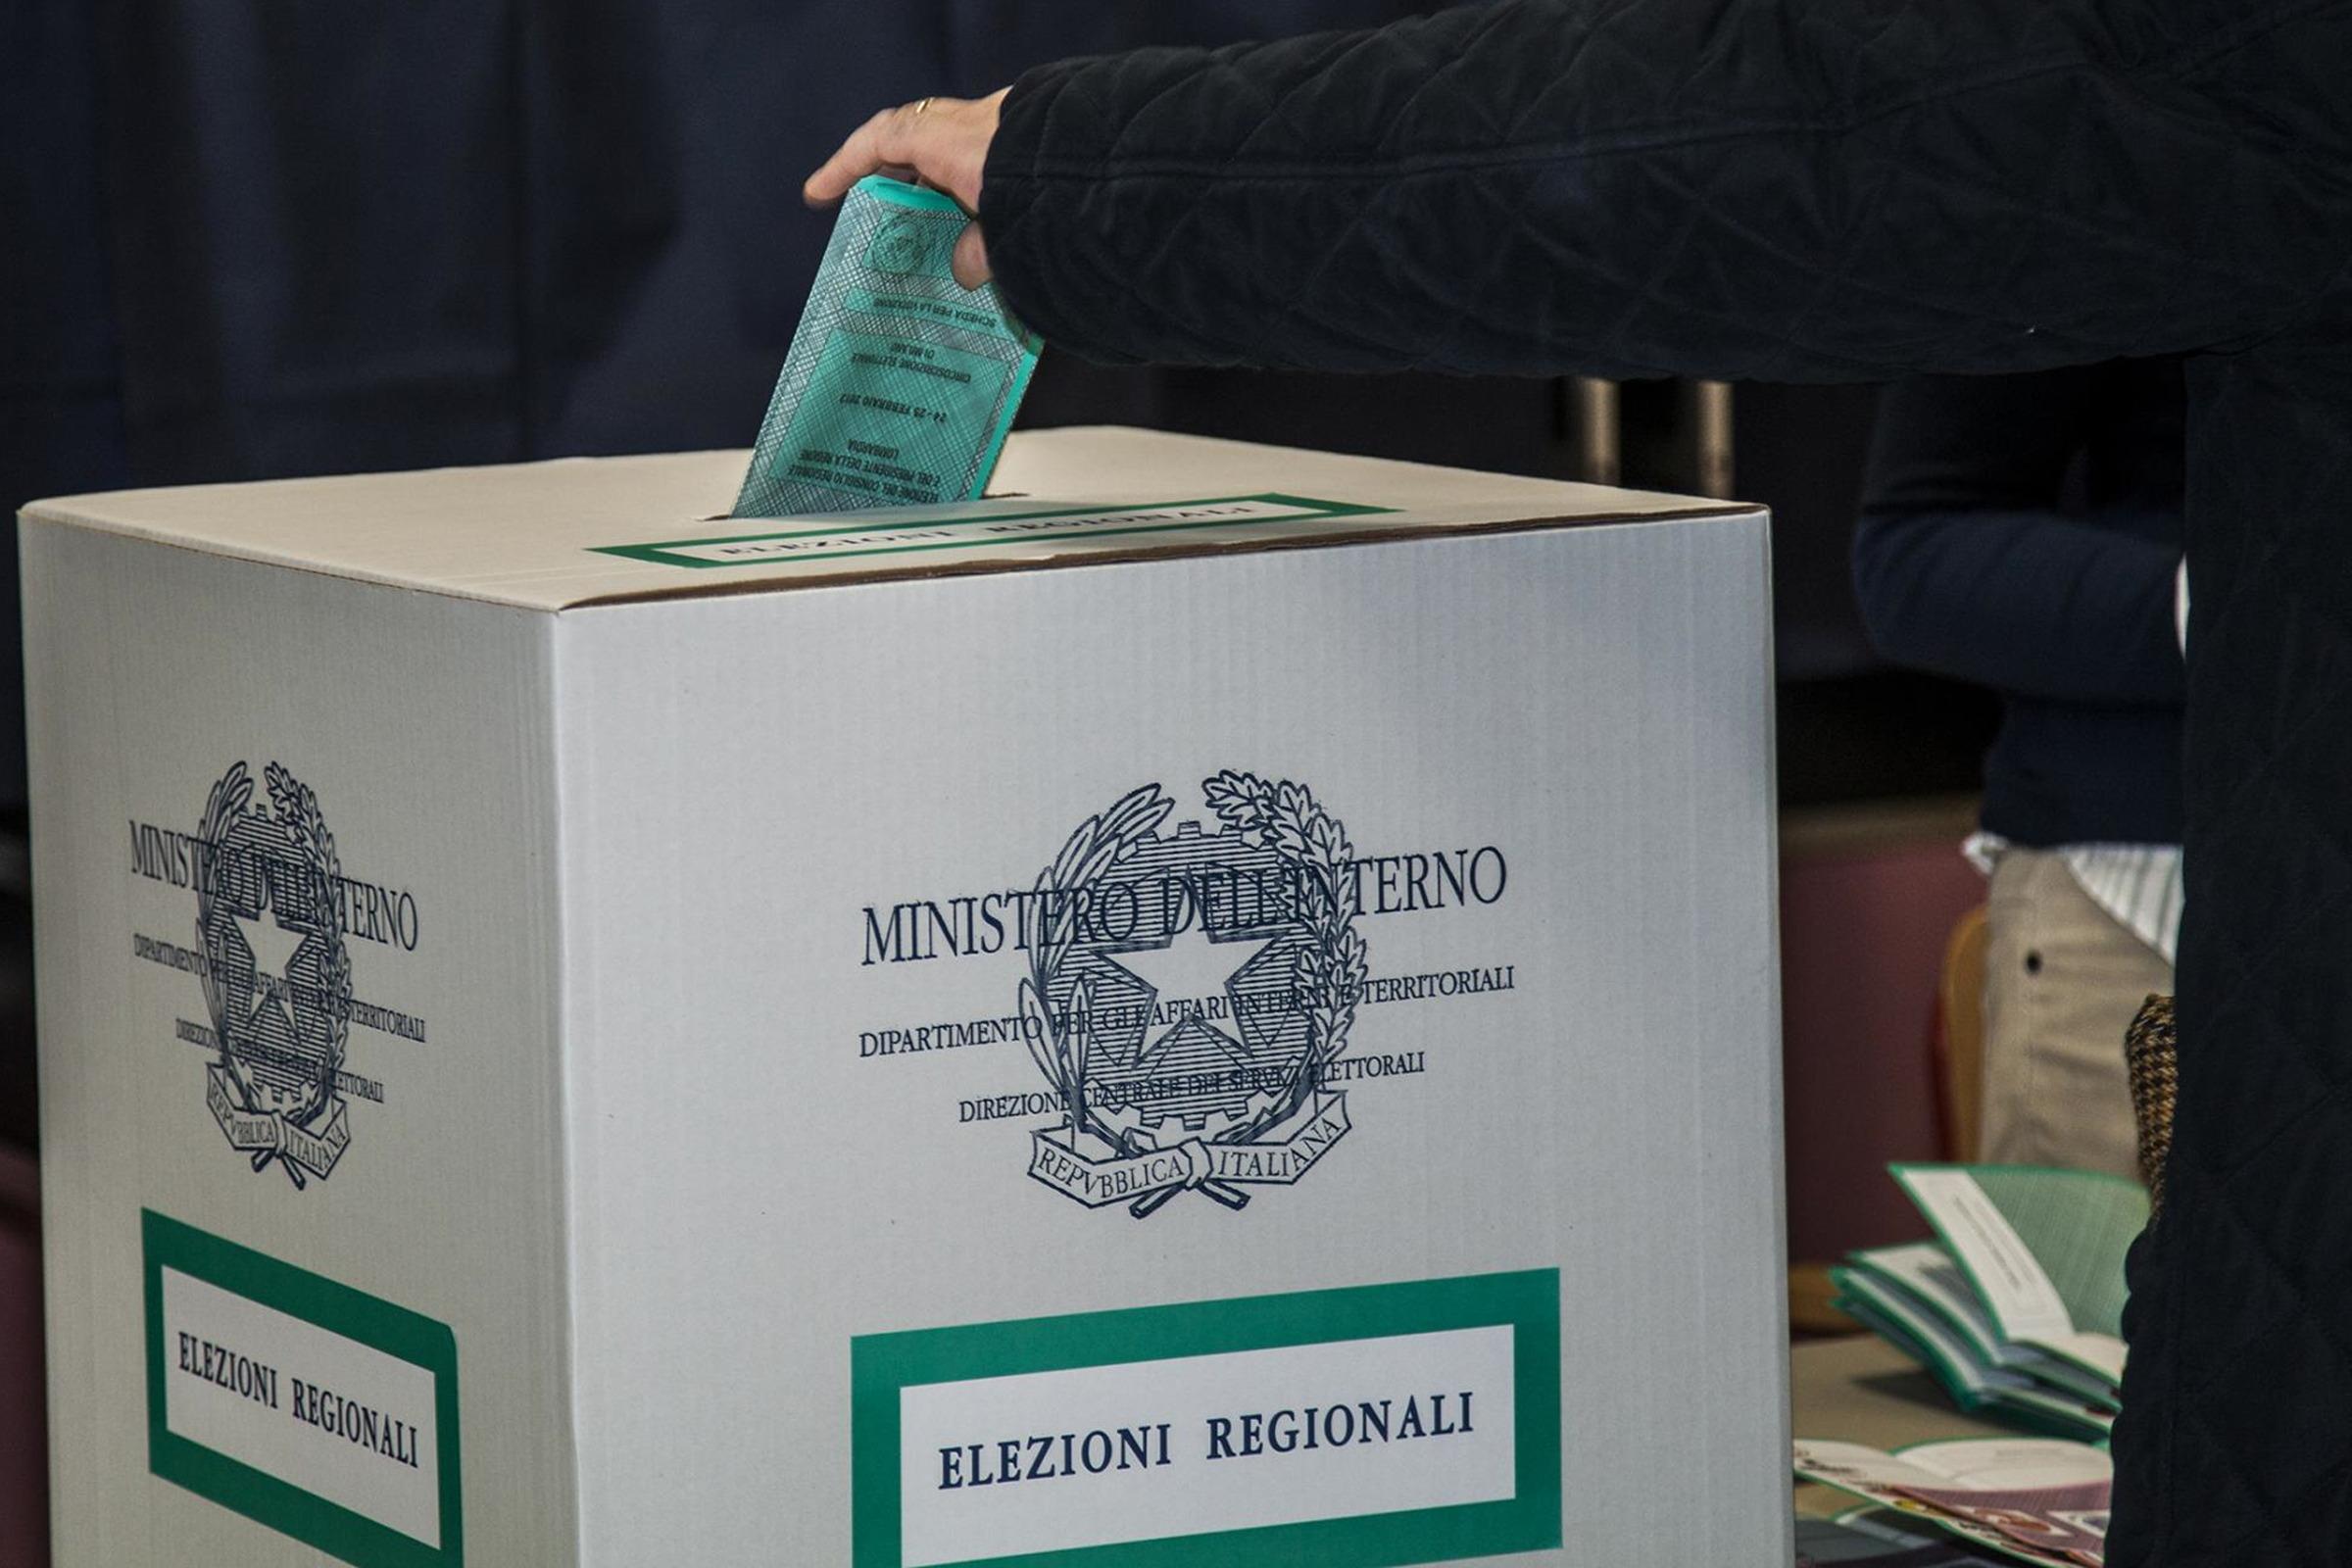 Tenace contro tutti: «Io sto con Sozzani» Critiche a Policaro e Pichetto